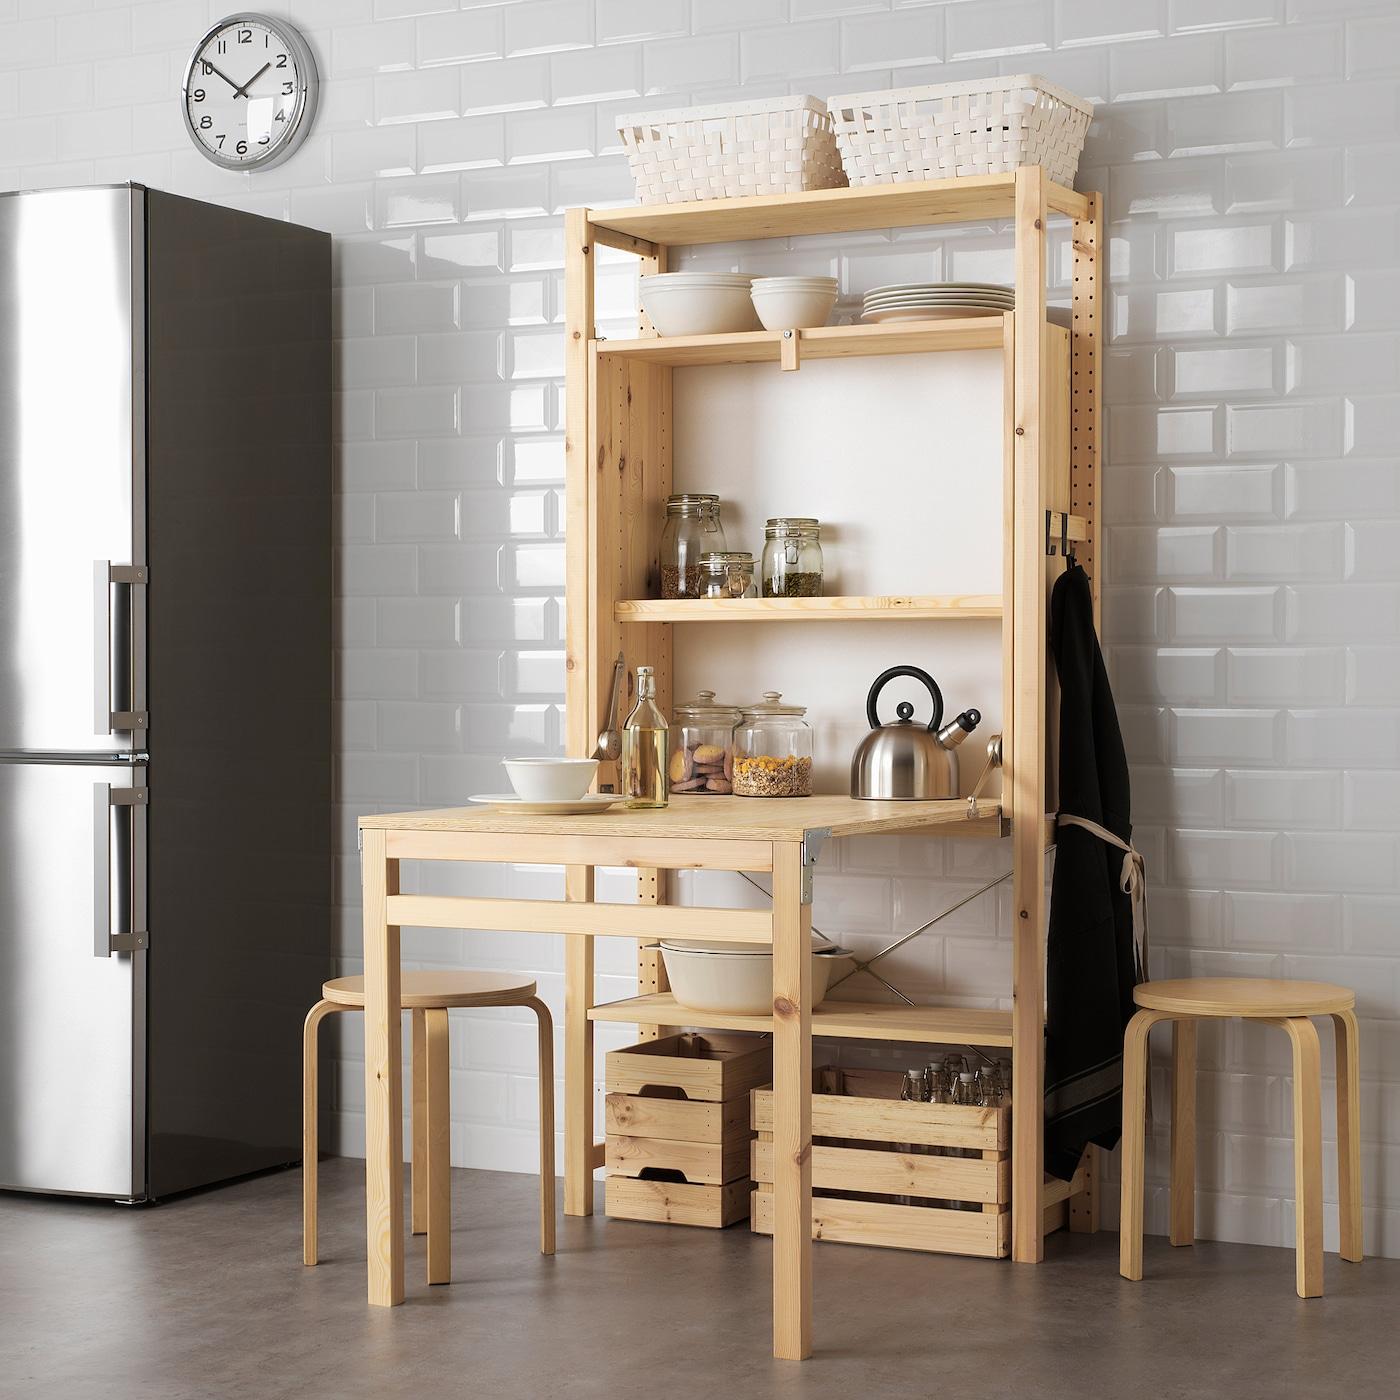 Full Size of Küchenregal Ikea Ivar Aufbewahrung Klapptisch Kiefer Deutschland Küche Kosten Kaufen Modulküche Betten 160x200 Miniküche Sofa Mit Schlaffunktion Bei Wohnzimmer Küchenregal Ikea